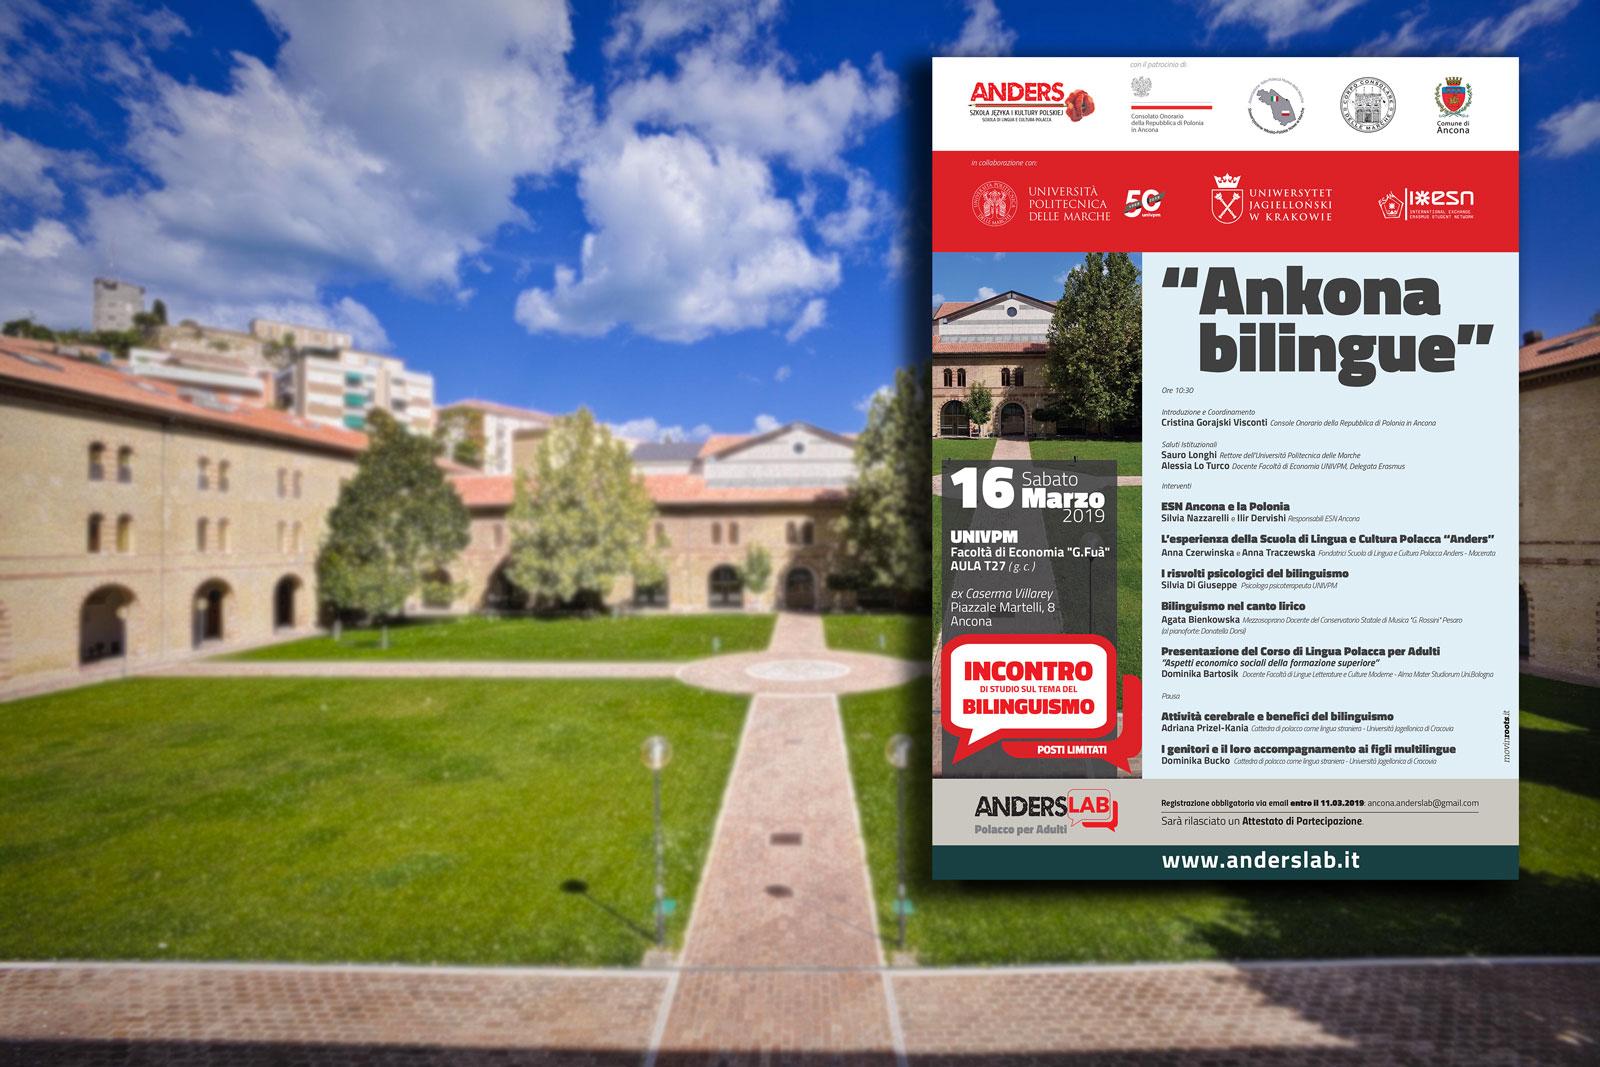 ANKONA BILINGUE incontro sul bilinguismo Ancona UNIVPM